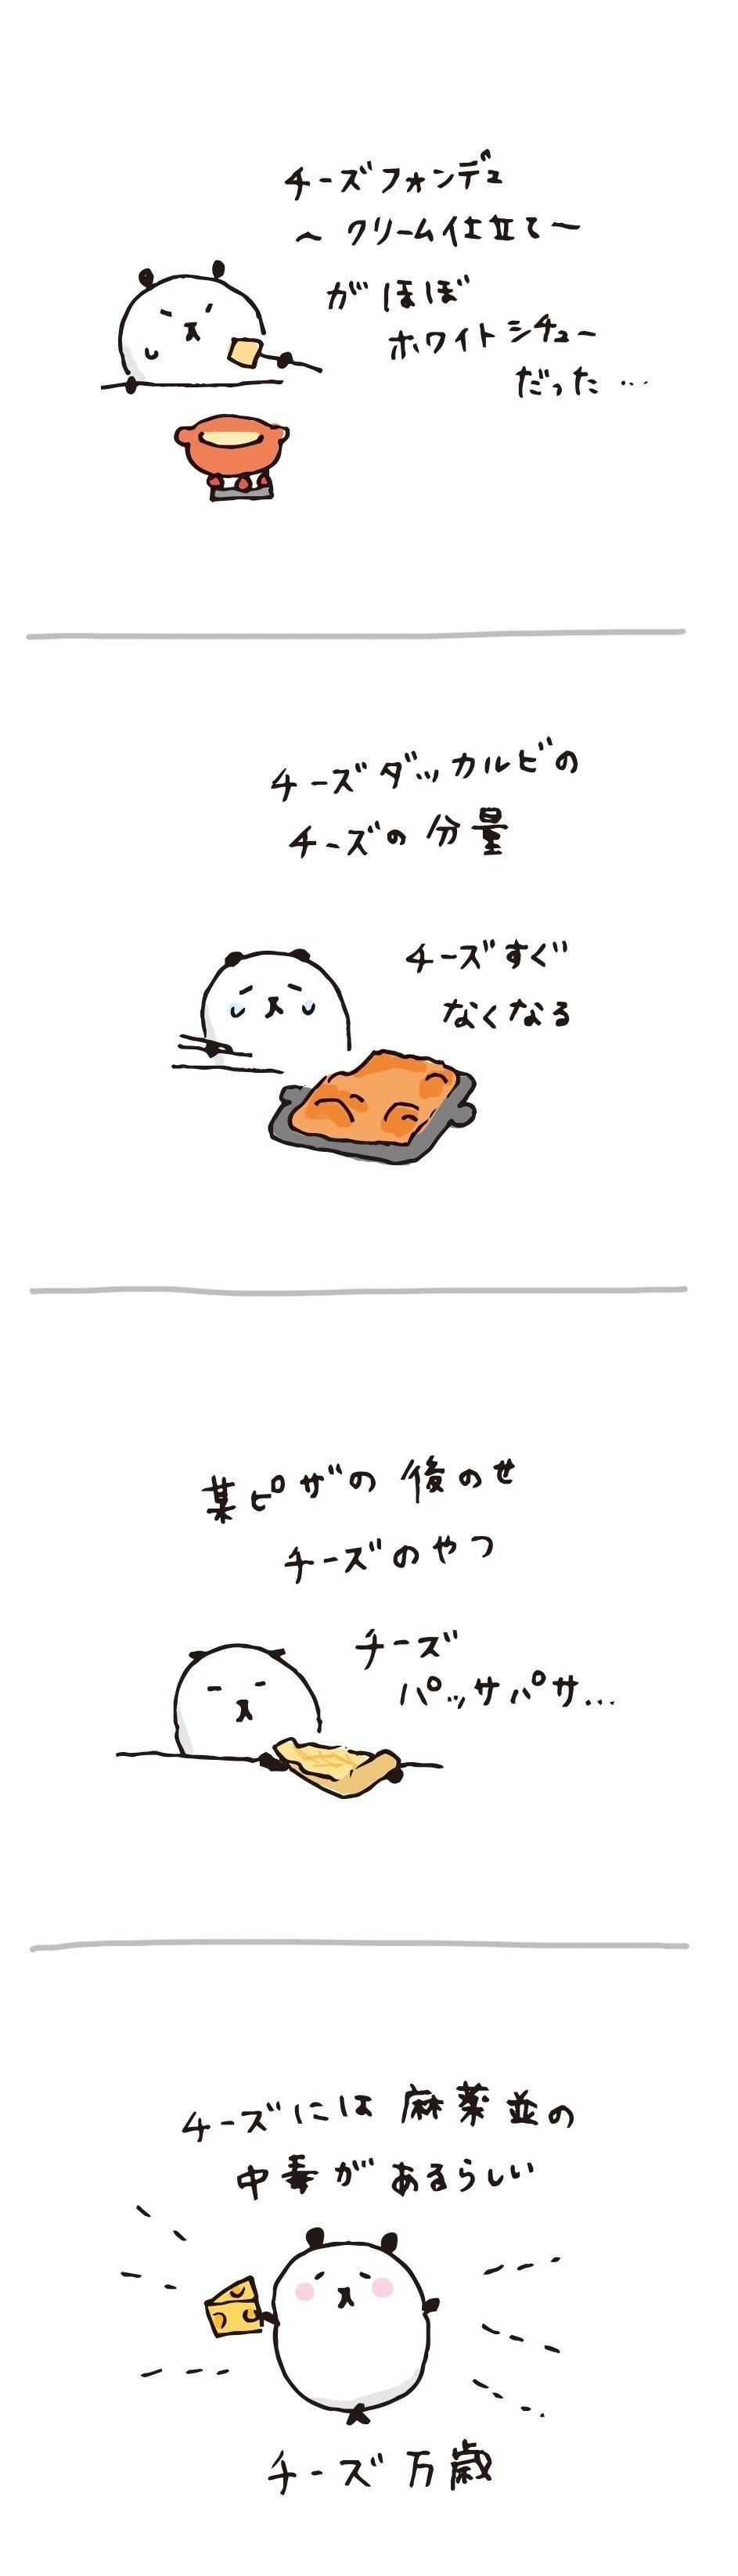 #エッセイ #食べ物 #チーズ #イラスト